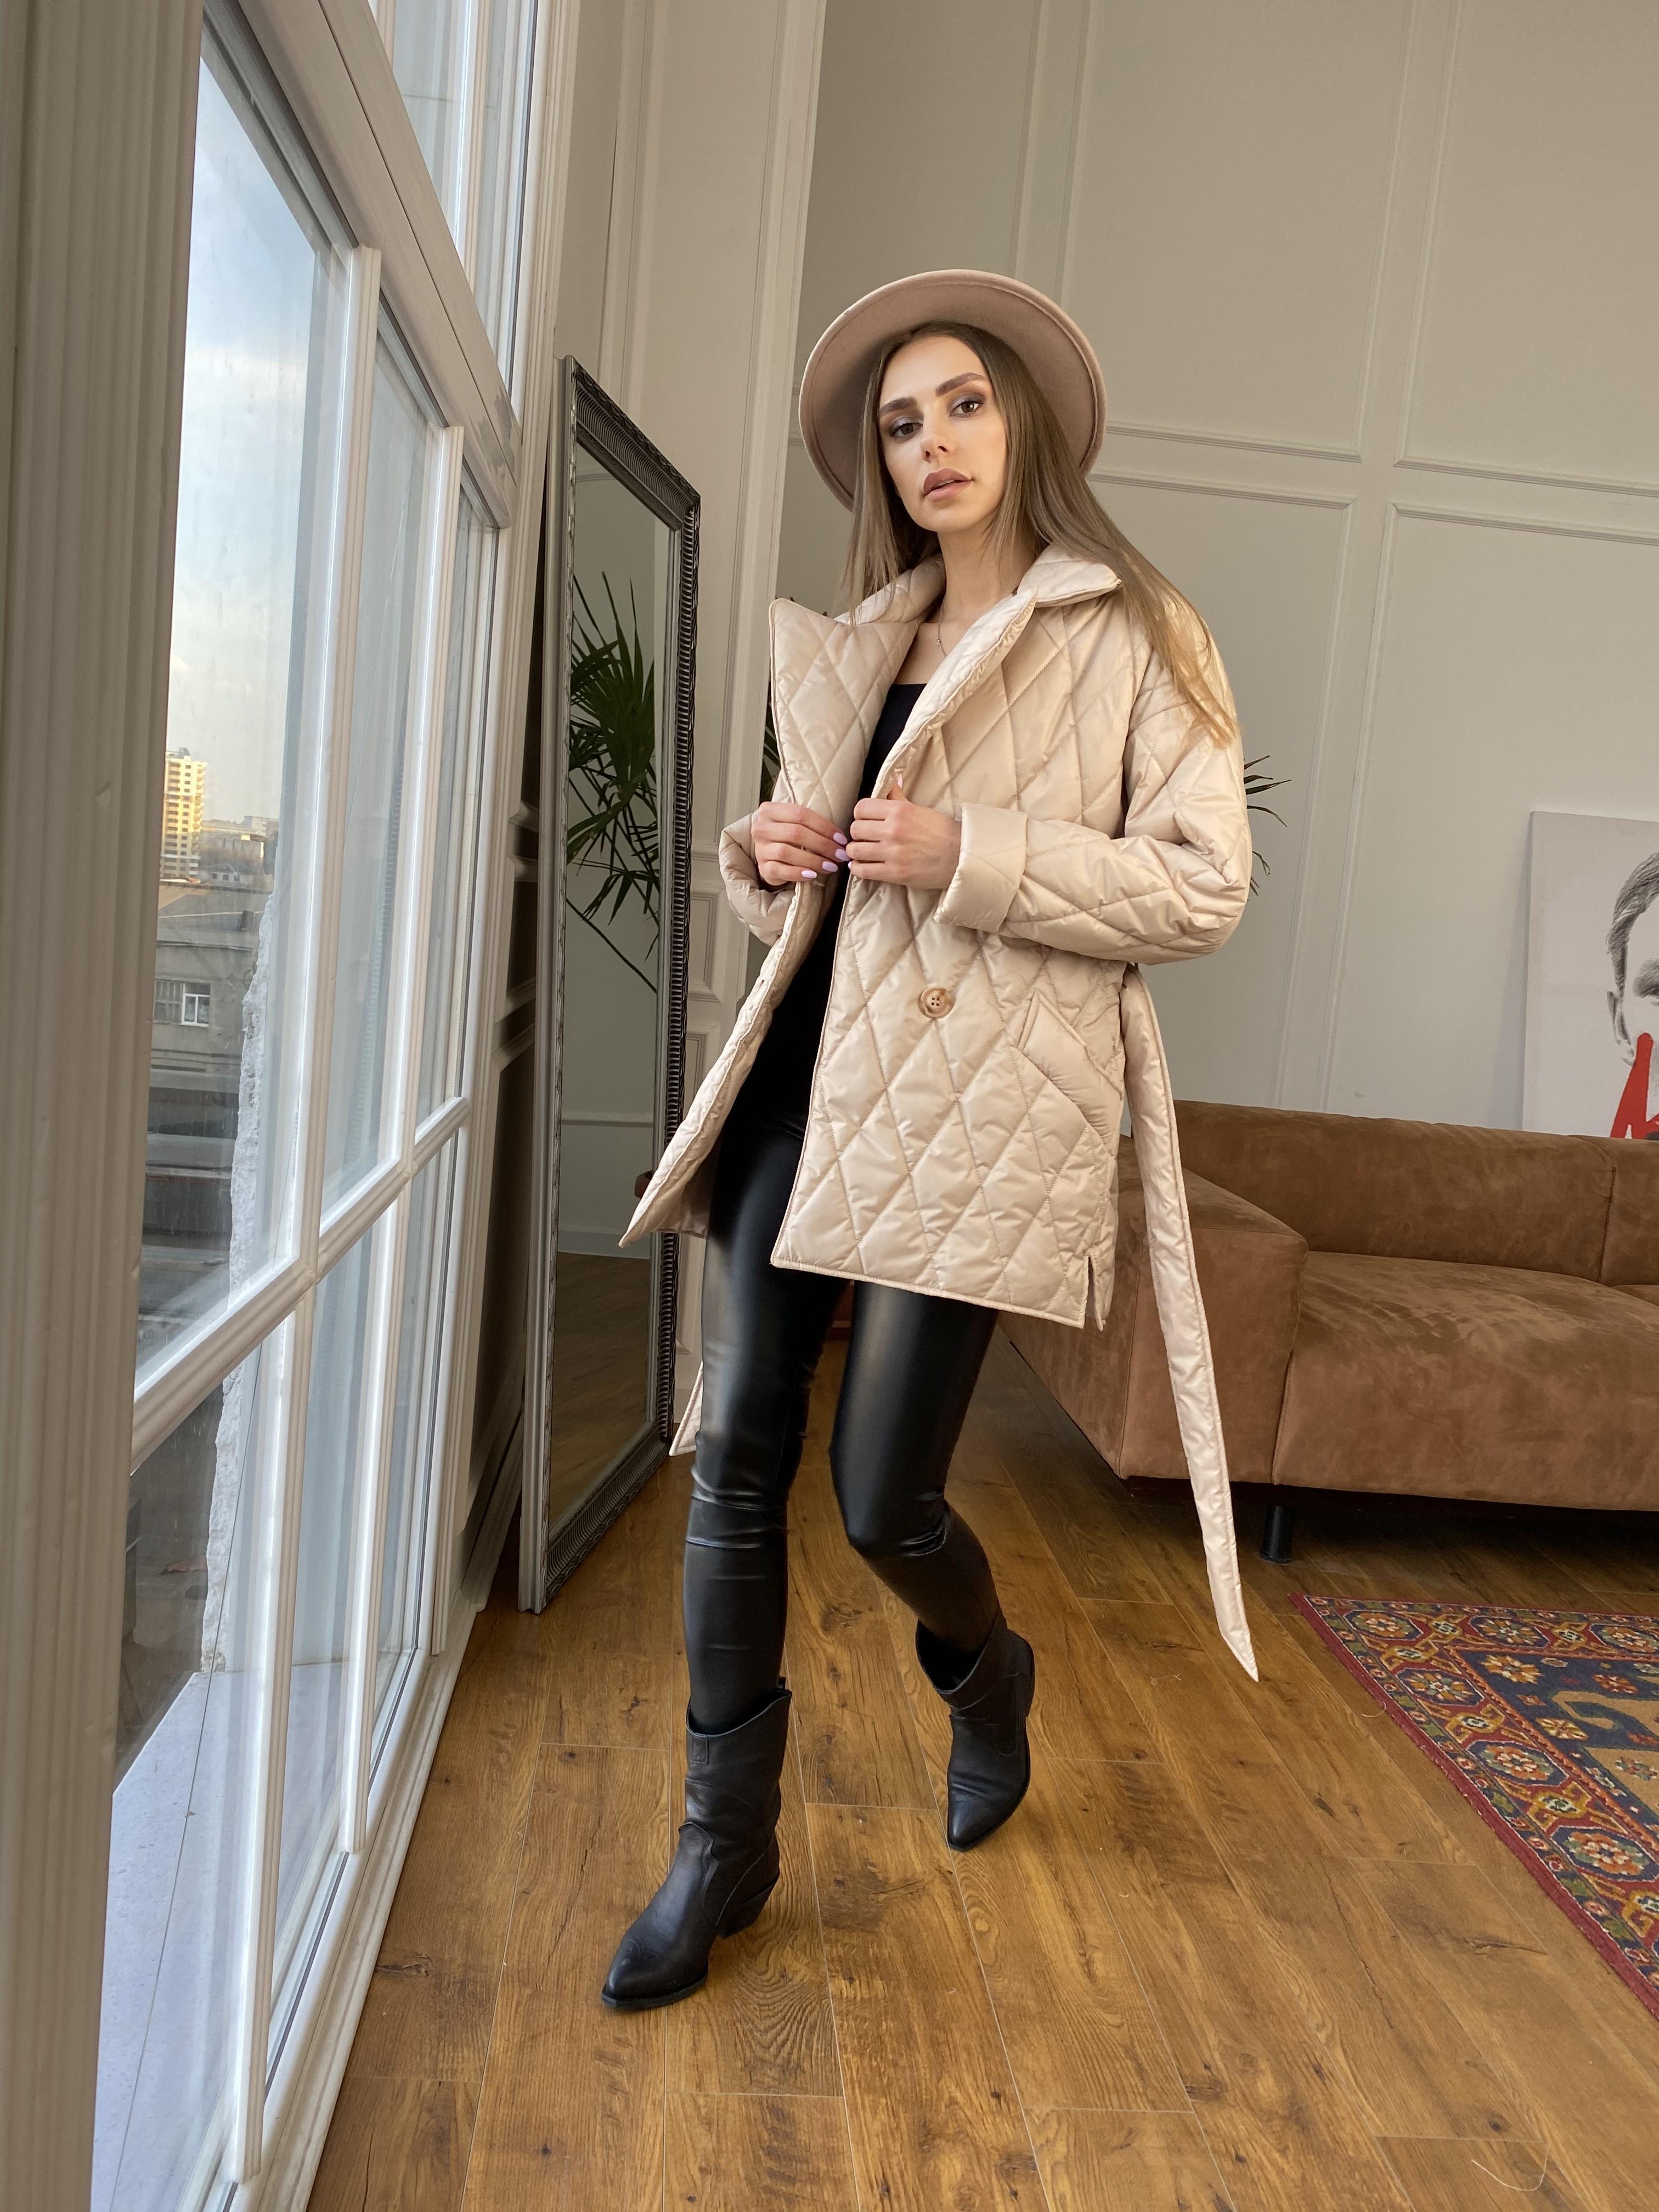 Норд куртка из плащевой ткани стеганая 10883 АРТ. 47411 Цвет: Бежевый - фото 8, интернет магазин tm-modus.ru